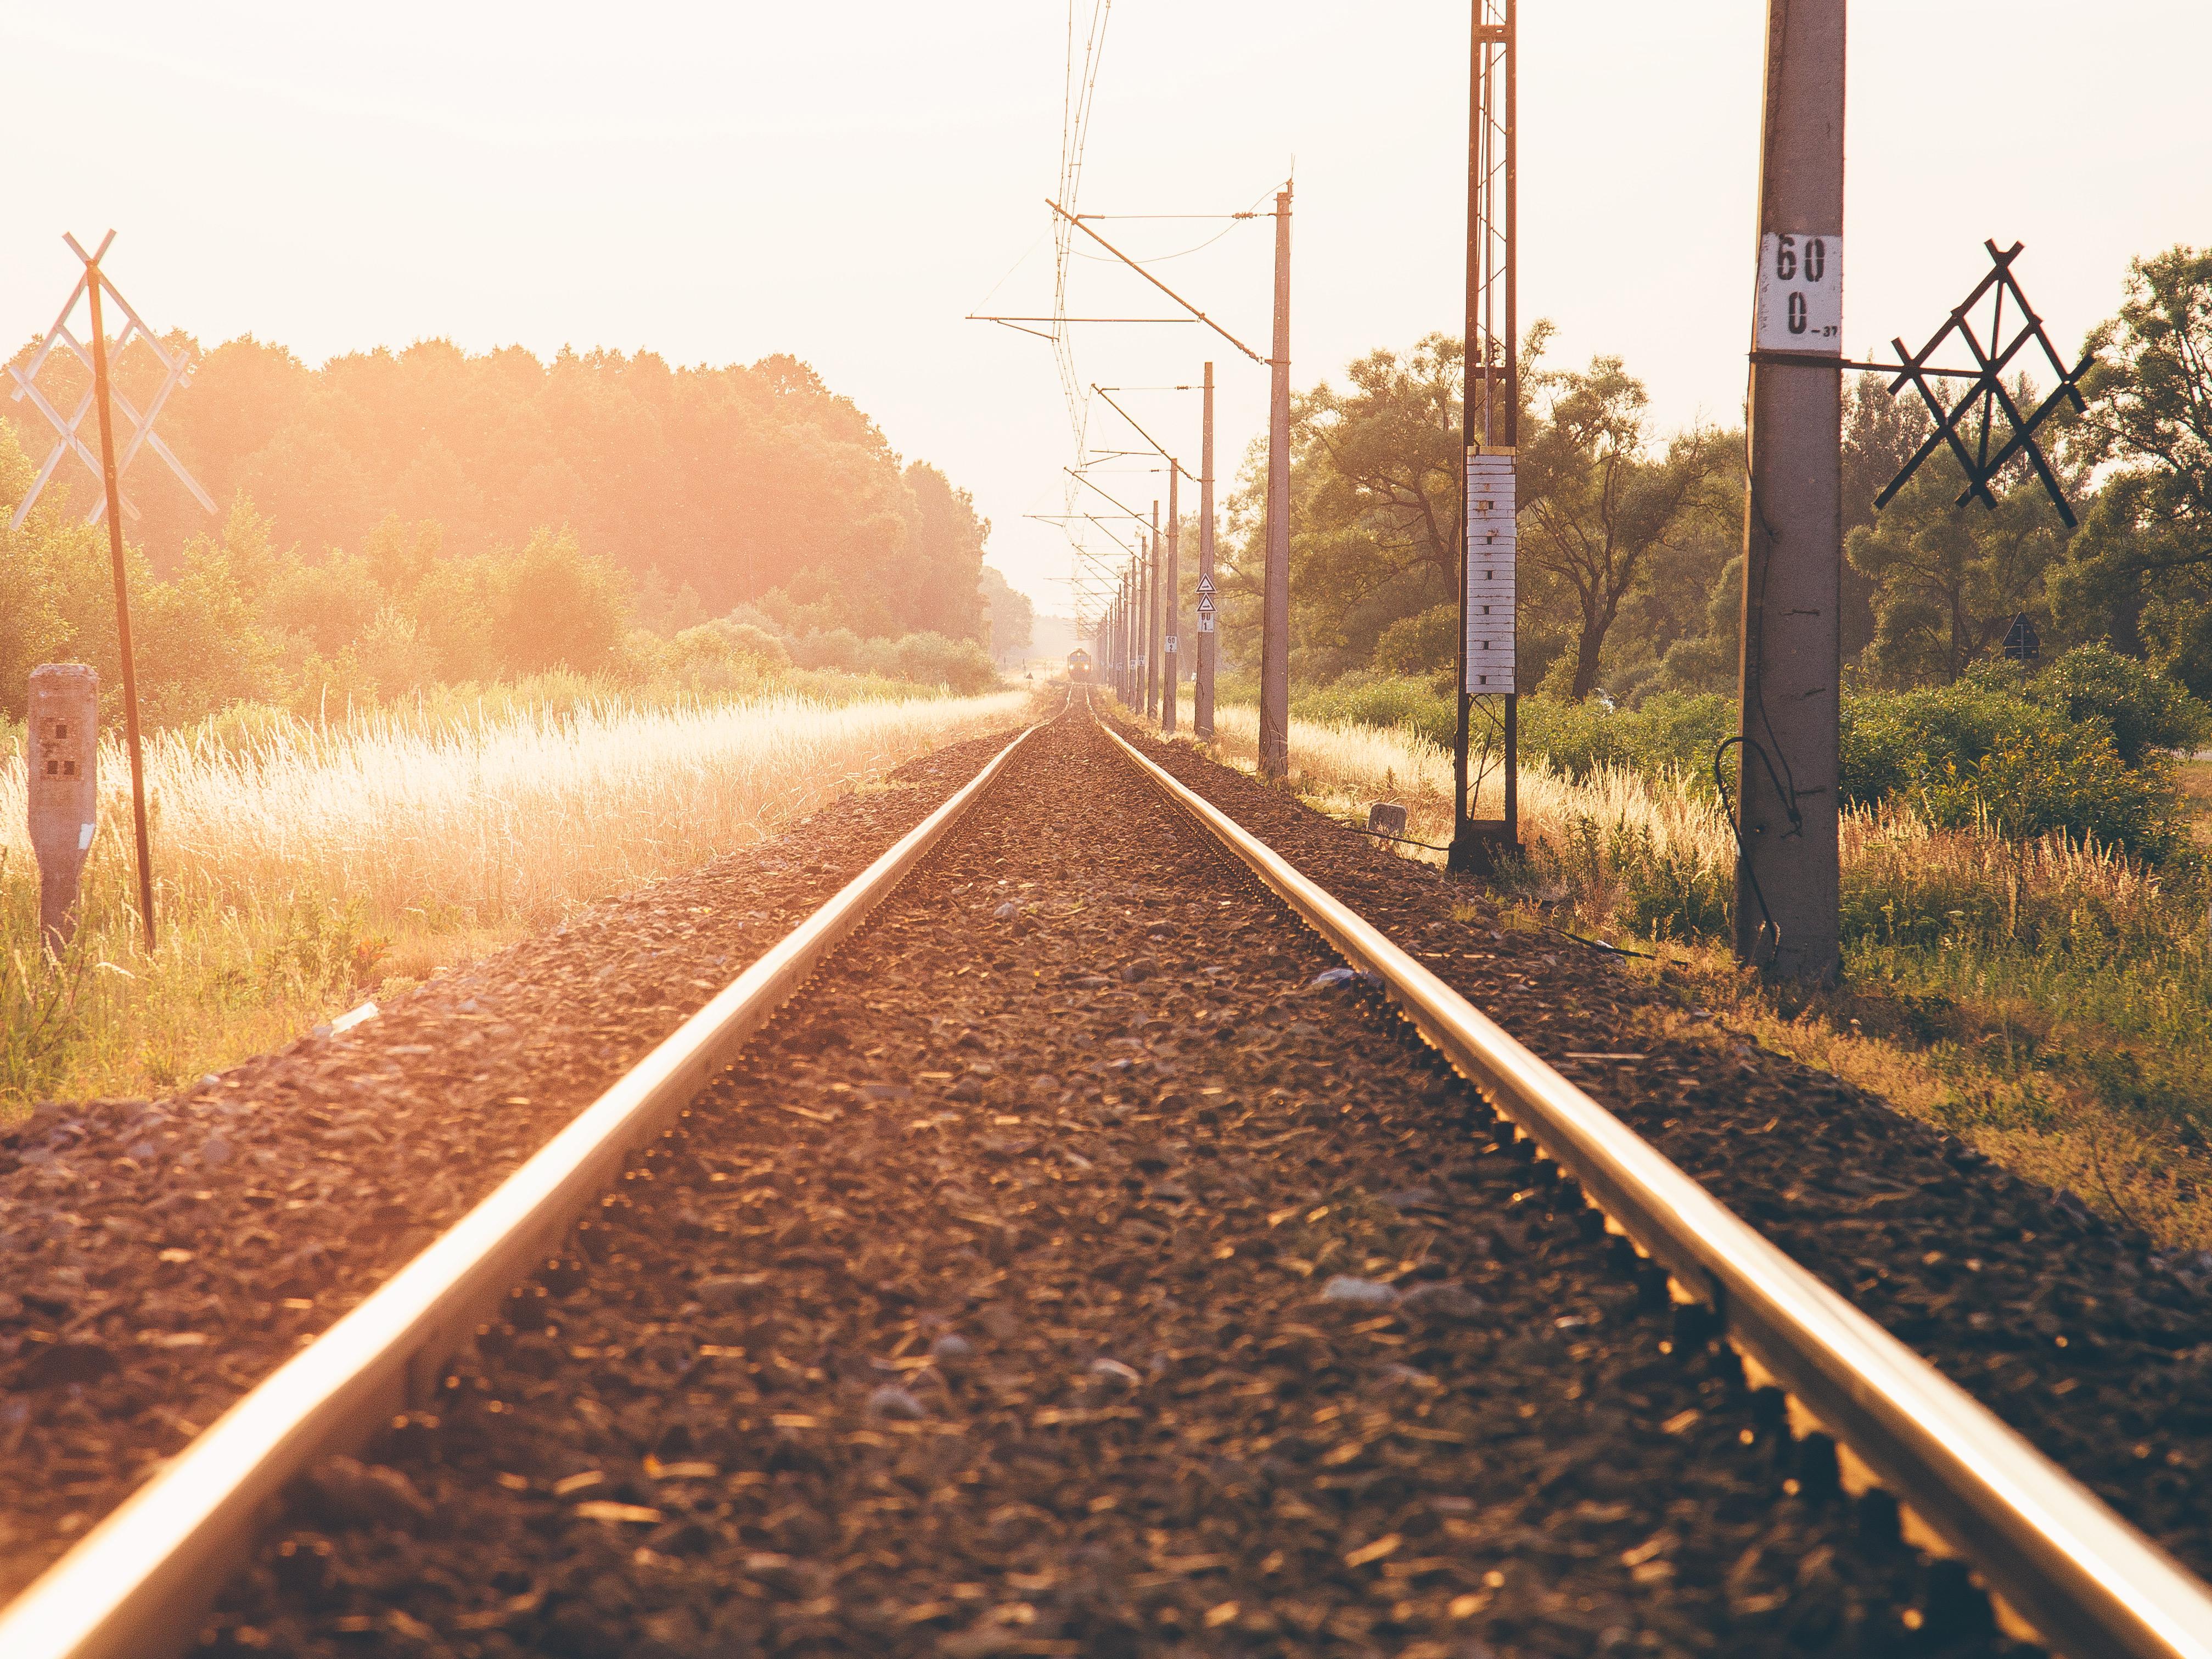 Cet été, profitez d'un pass de voyage gratuit  !  #DiscoverEU